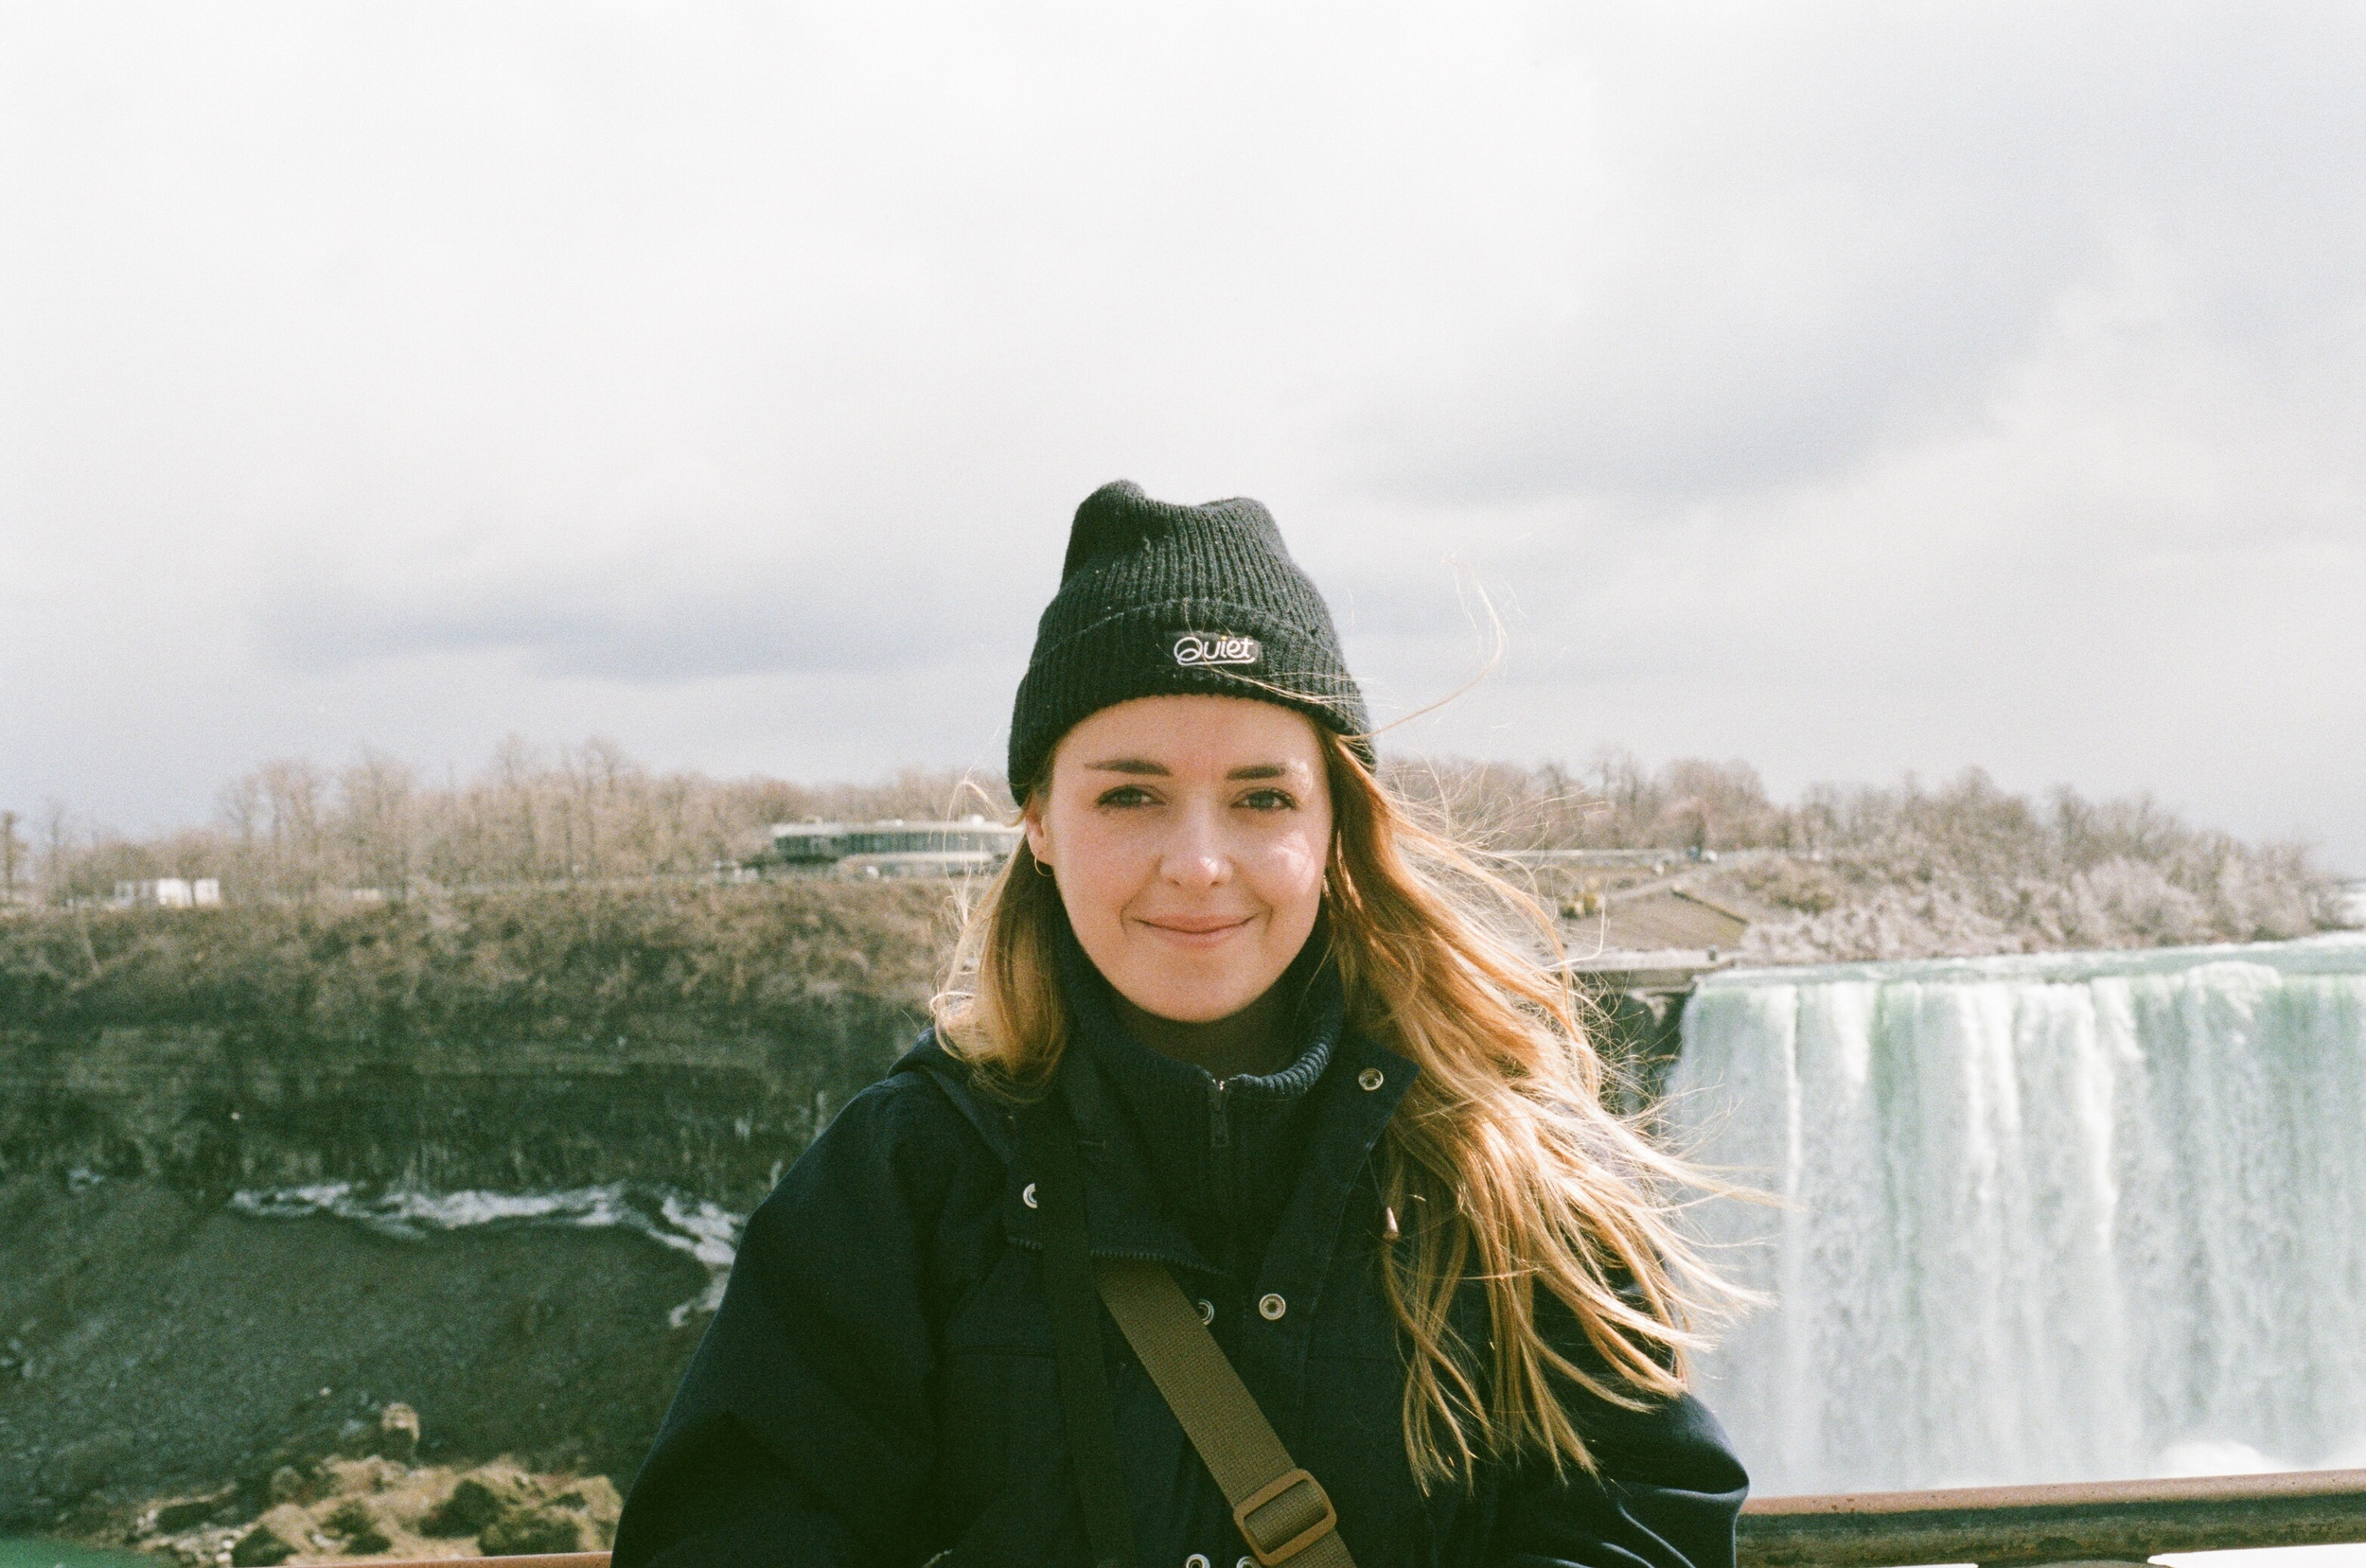 Niagara Falls, ON